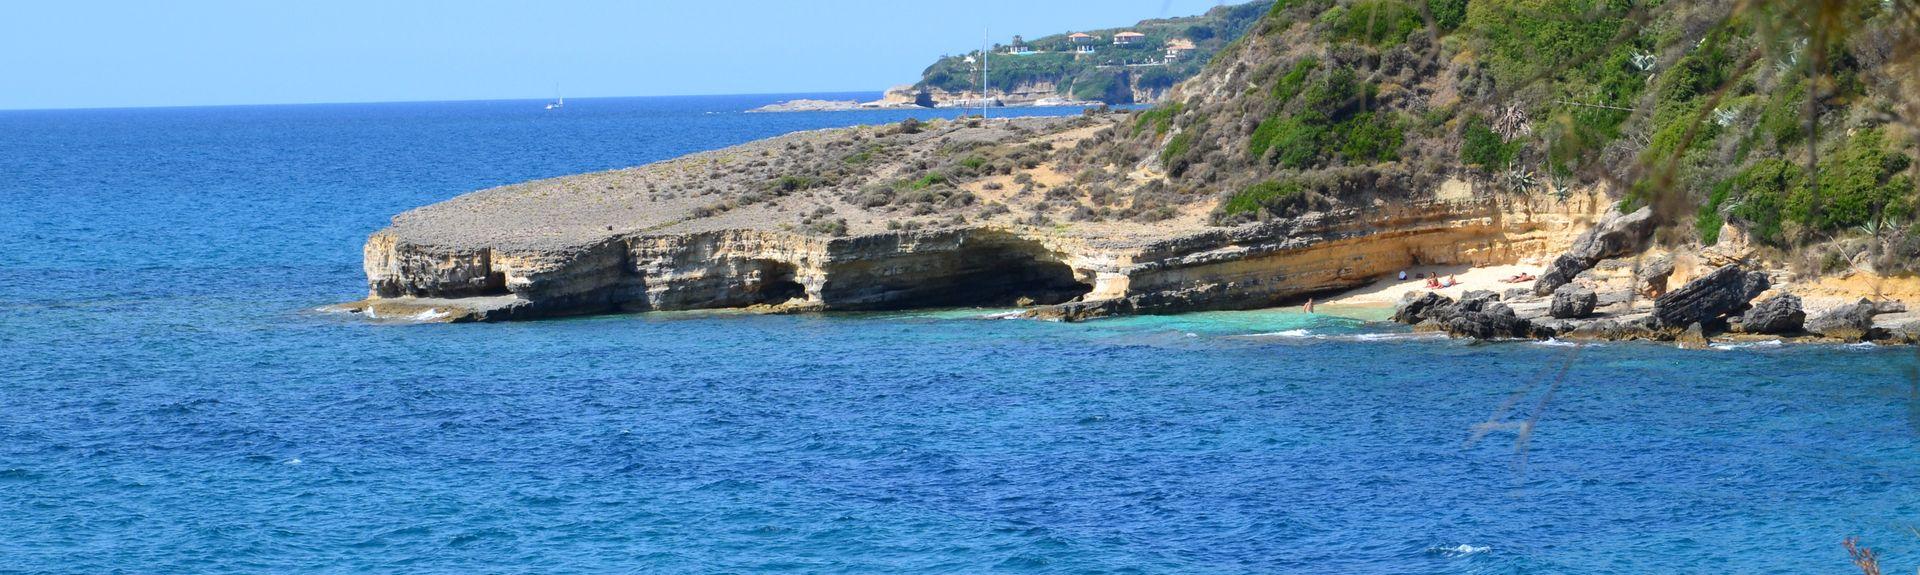 Sarlata, Kefalonia, Ionian Islands, Greece